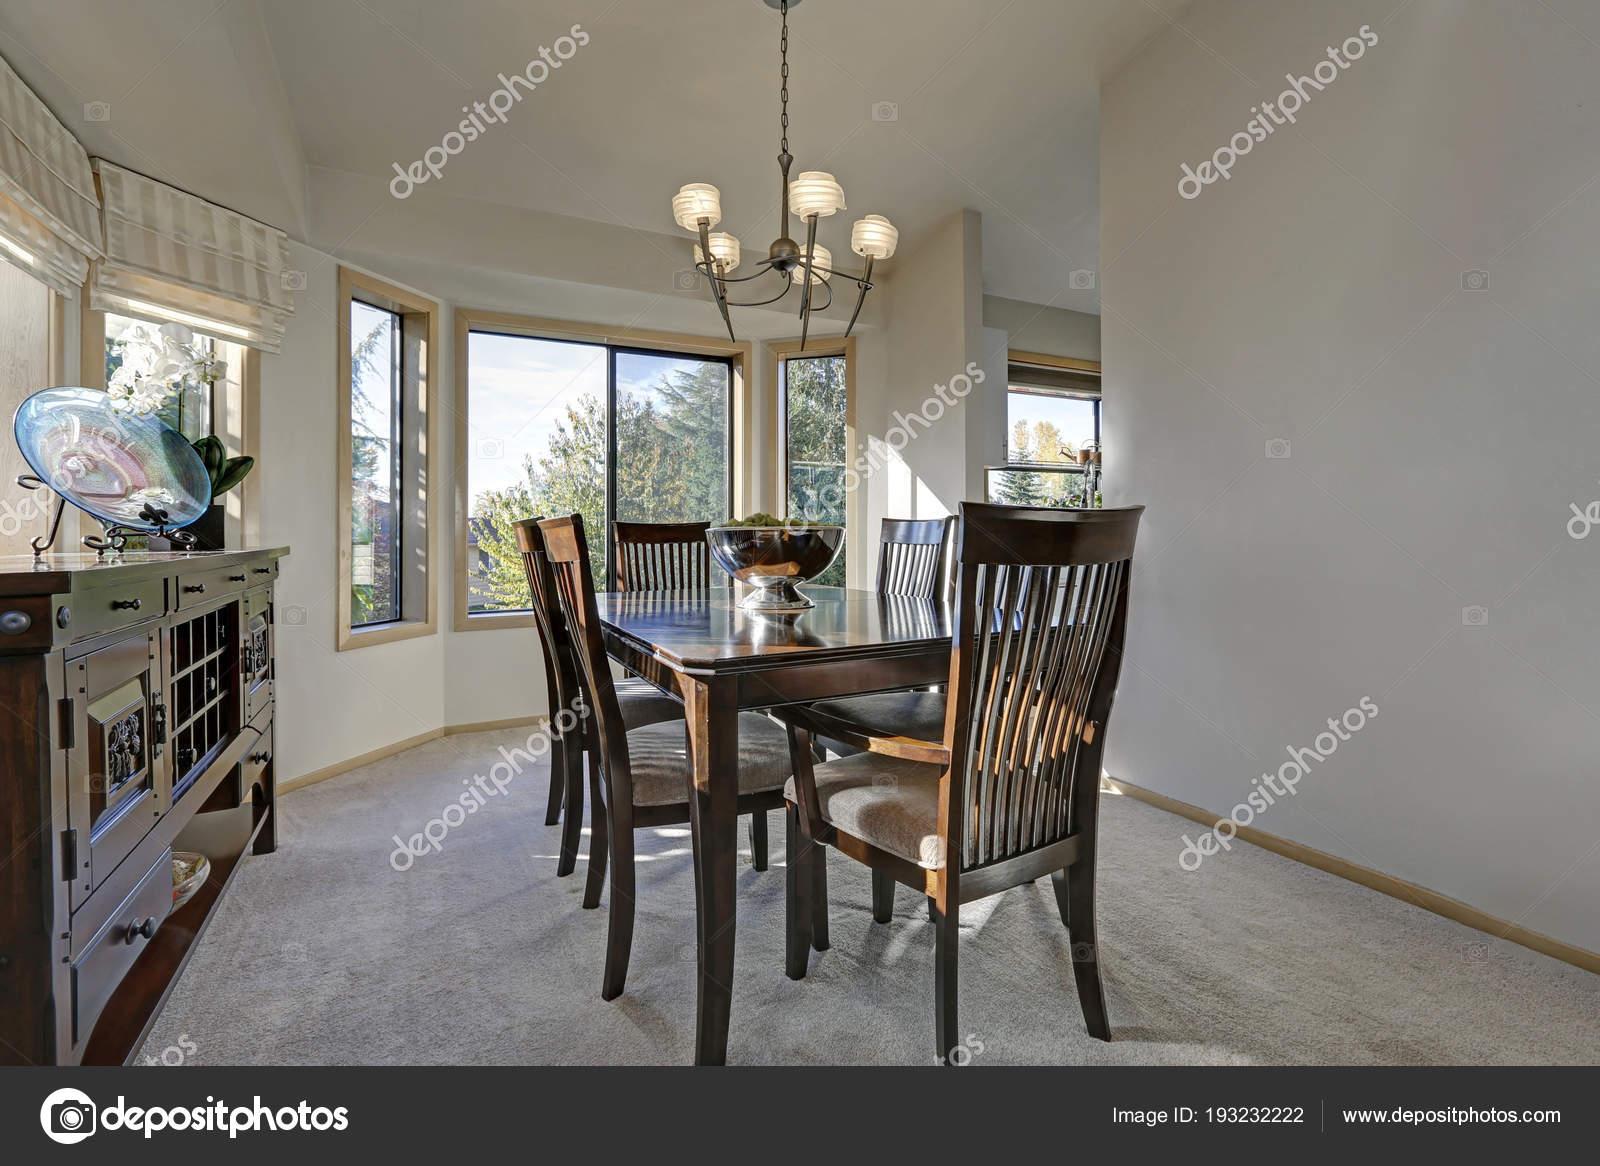 Einladend Licht gefüllt Esszimmer mit Holz Esstisch — Stockfoto ...